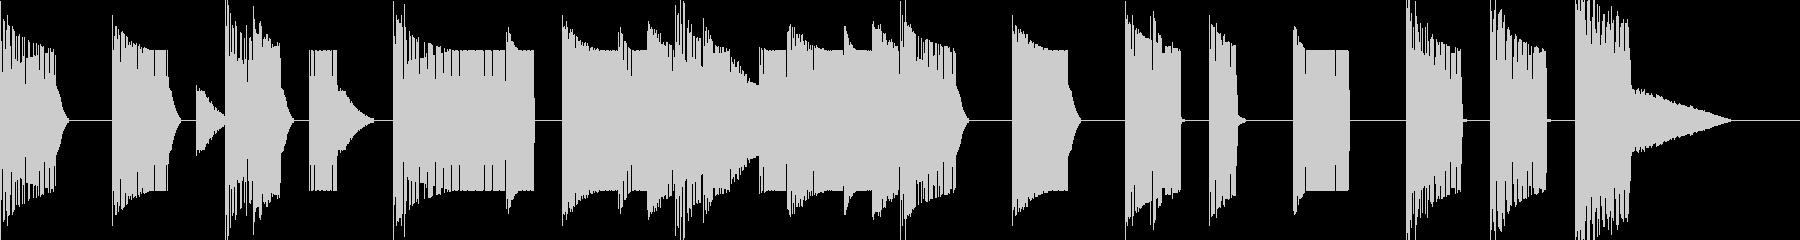 チップチューン風ジングルの未再生の波形